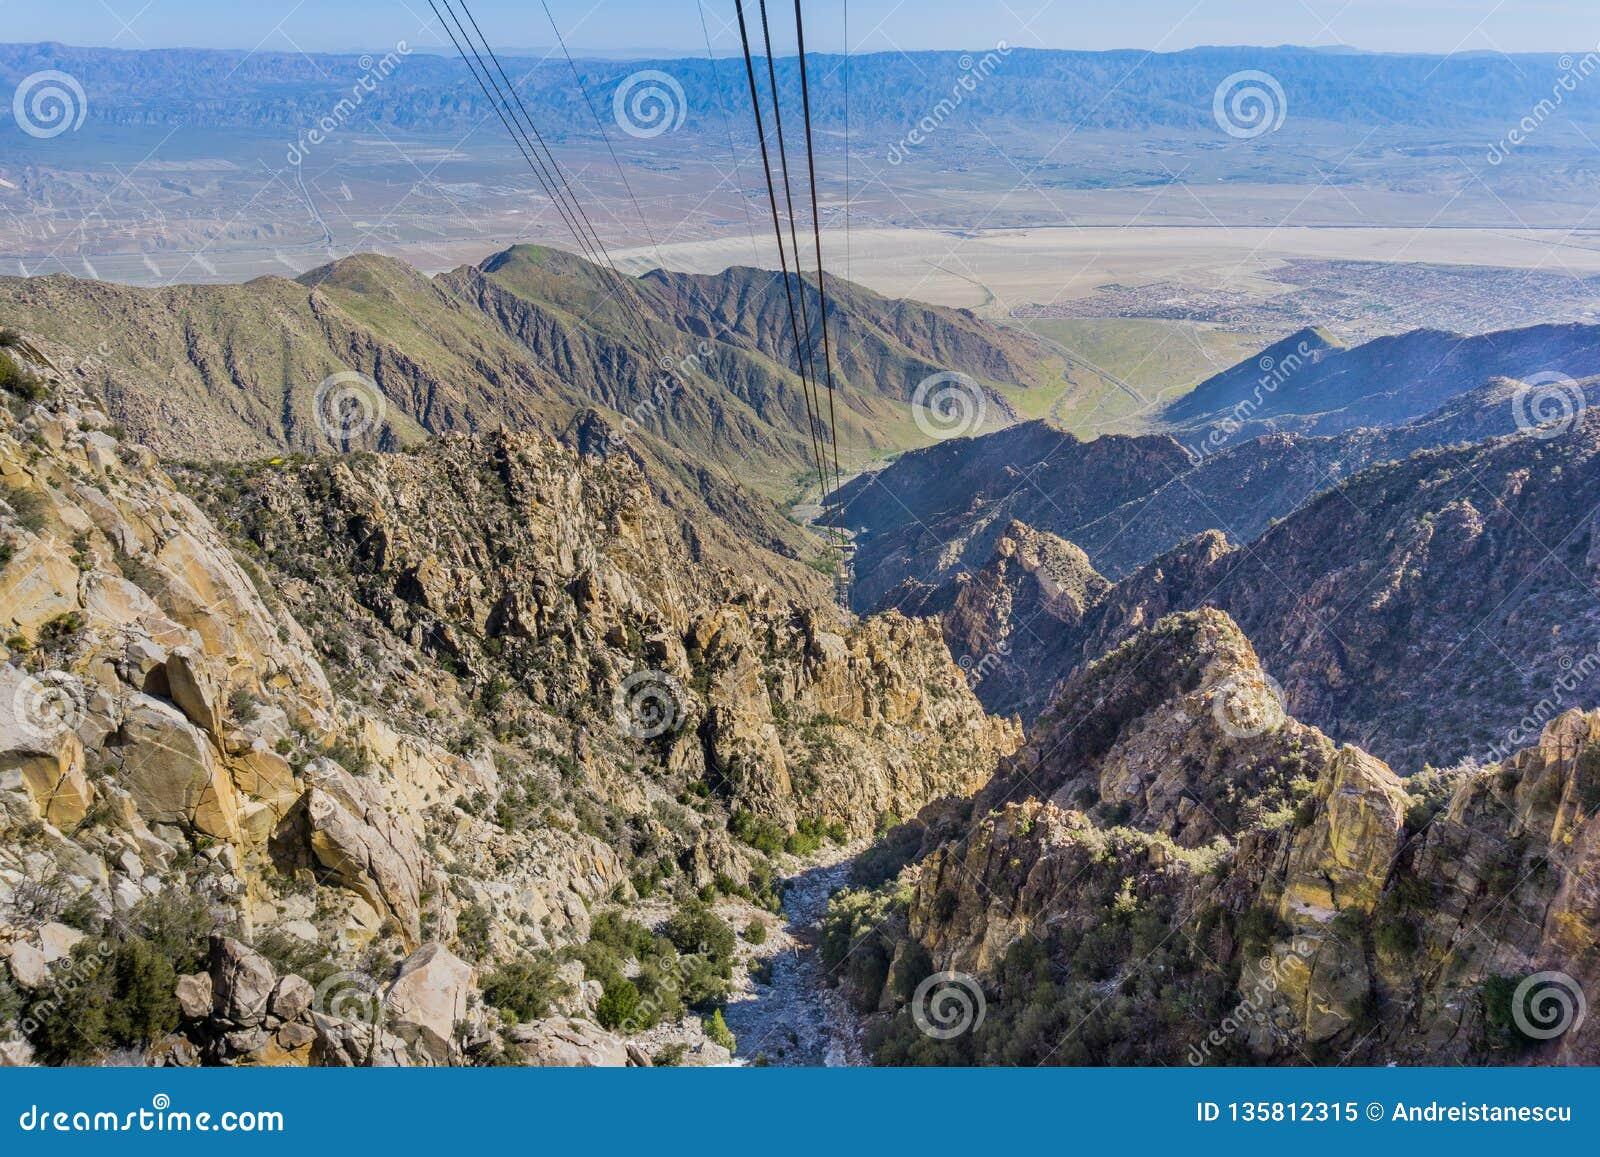 Vue de la tramway aérienne de Palm Springs sur le chemin vers le haut de la montagne de San Jacinto, la Californie